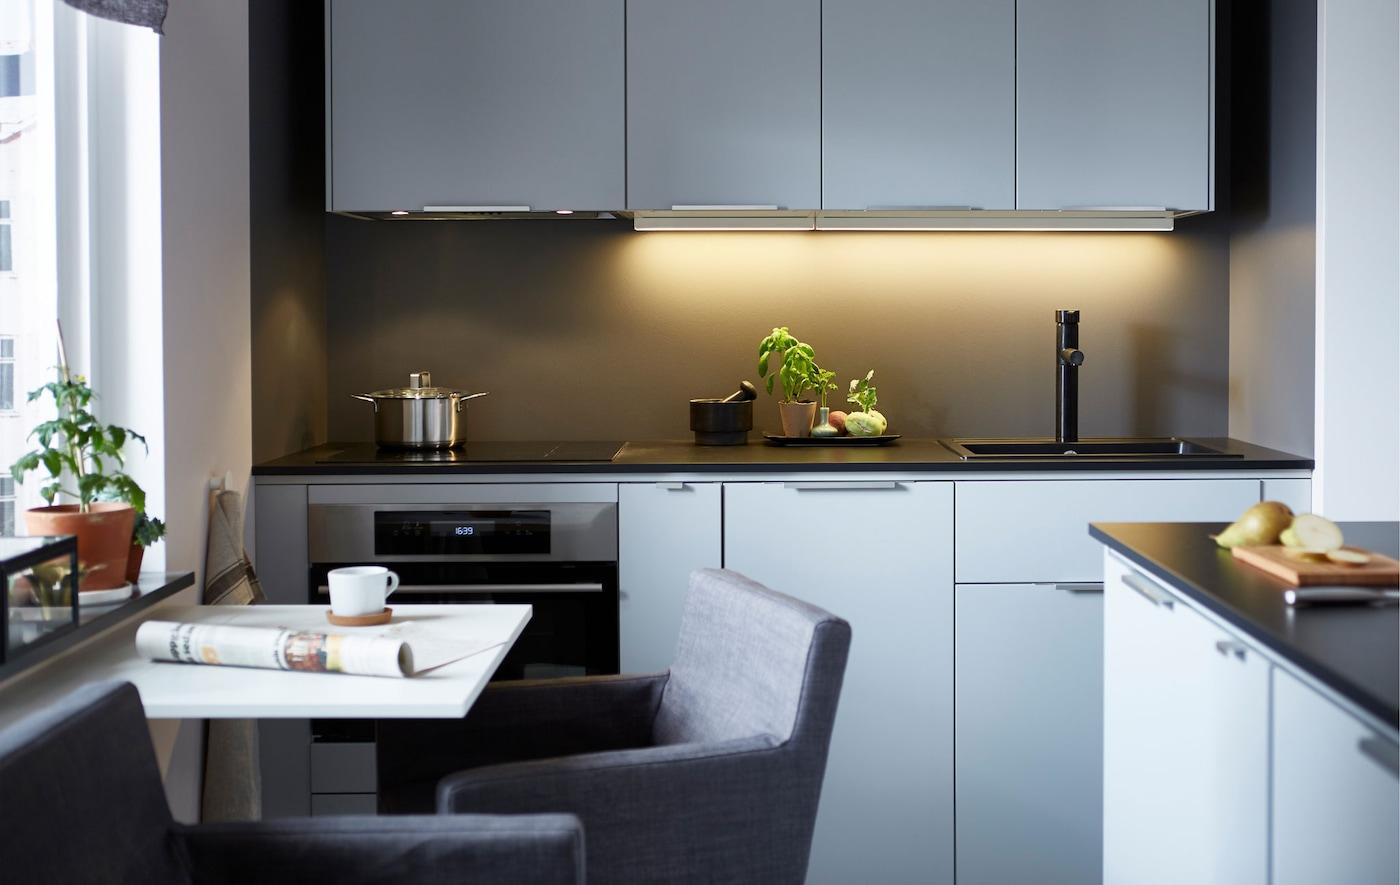 Una moderna y elegante cocina con un frente de armarios de colores claros, encimera oscura y una pequeña mesa de comedor.